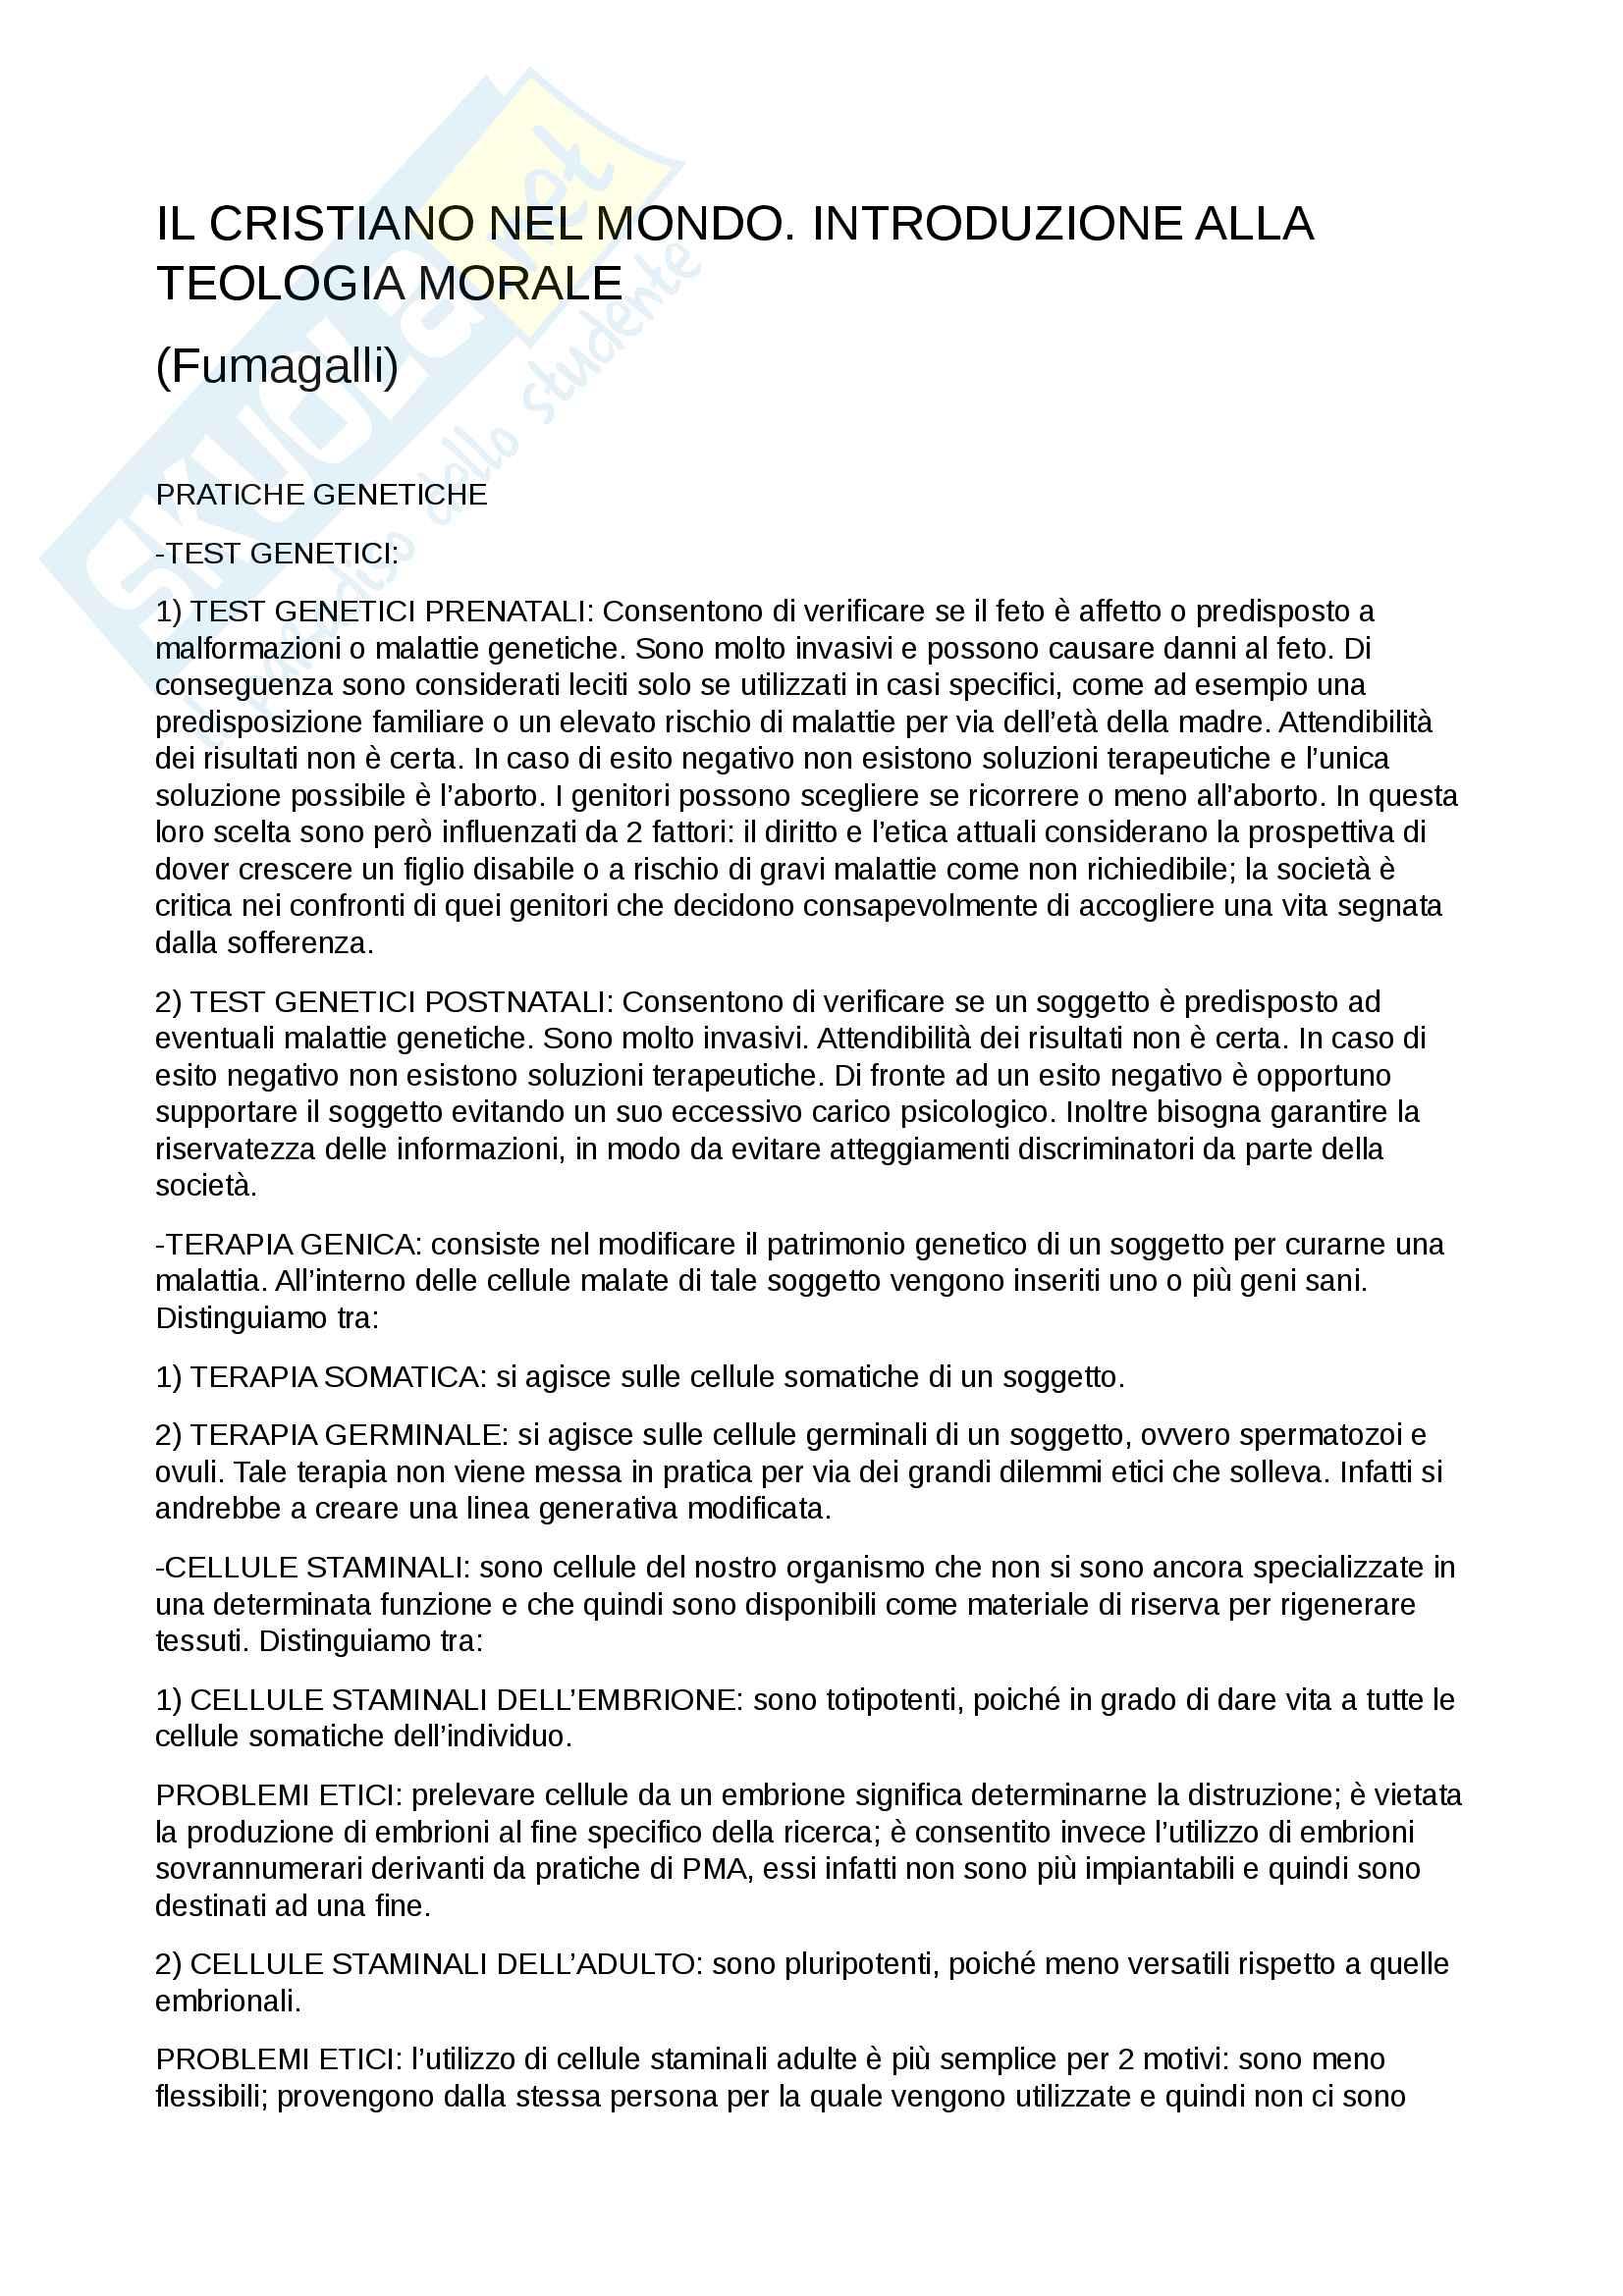 Riassunti esame Teologia III, prof. Stampino Galli, libro consigliato Il cristiano nel mondo. Introduzione alla teologia morale, 2010, A.Fumagalli